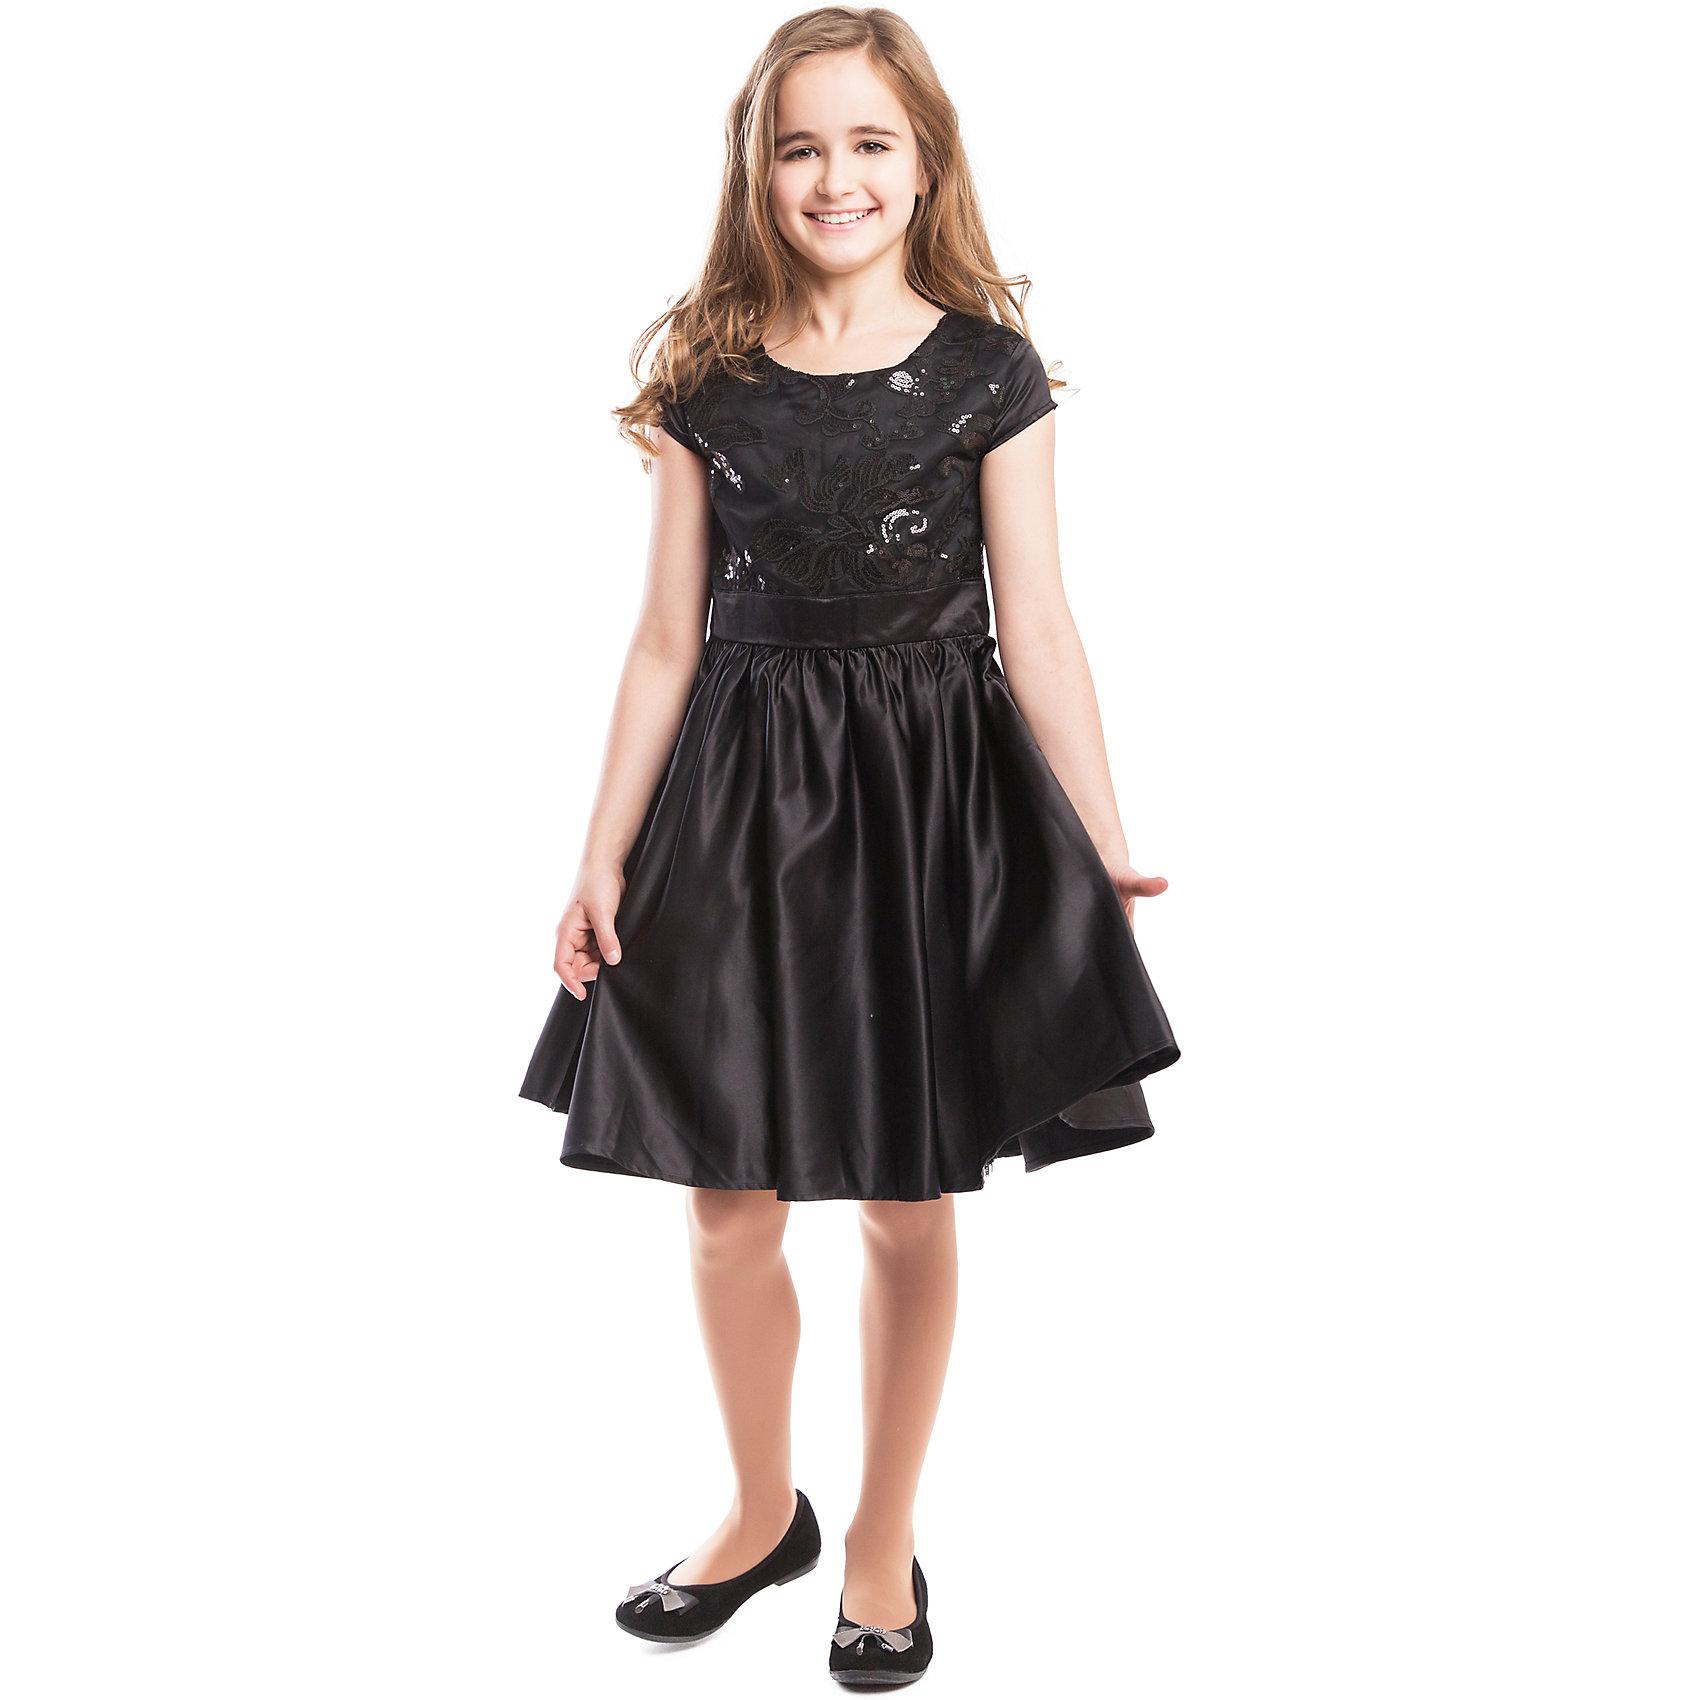 Платье ScoolПлатье Scool <br><br>Состав: <br>Верх: 100% полиэстер, <br>Подкладка: 100% хлопок <br><br>Маленькое черное платье должно быть у каждой девушки, вне зависимости от возраста. <br>Оно подойдет к любой обуви и не будет быстро пачкаться. <br>Верх украшен узорами из пайеток. <br>Есть подкладка из мягкого хлопка. <br>Рукава короткие - ребенку не будет жарко на празднике. <br>Сзади удобная застежка-молния.<br><br>Ширина мм: 236<br>Глубина мм: 16<br>Высота мм: 184<br>Вес г: 177<br>Цвет: черный<br>Возраст от месяцев: 144<br>Возраст до месяцев: 156<br>Пол: Женский<br>Возраст: Детский<br>Размер: 158,164,152,134,140,146<br>SKU: 4305460